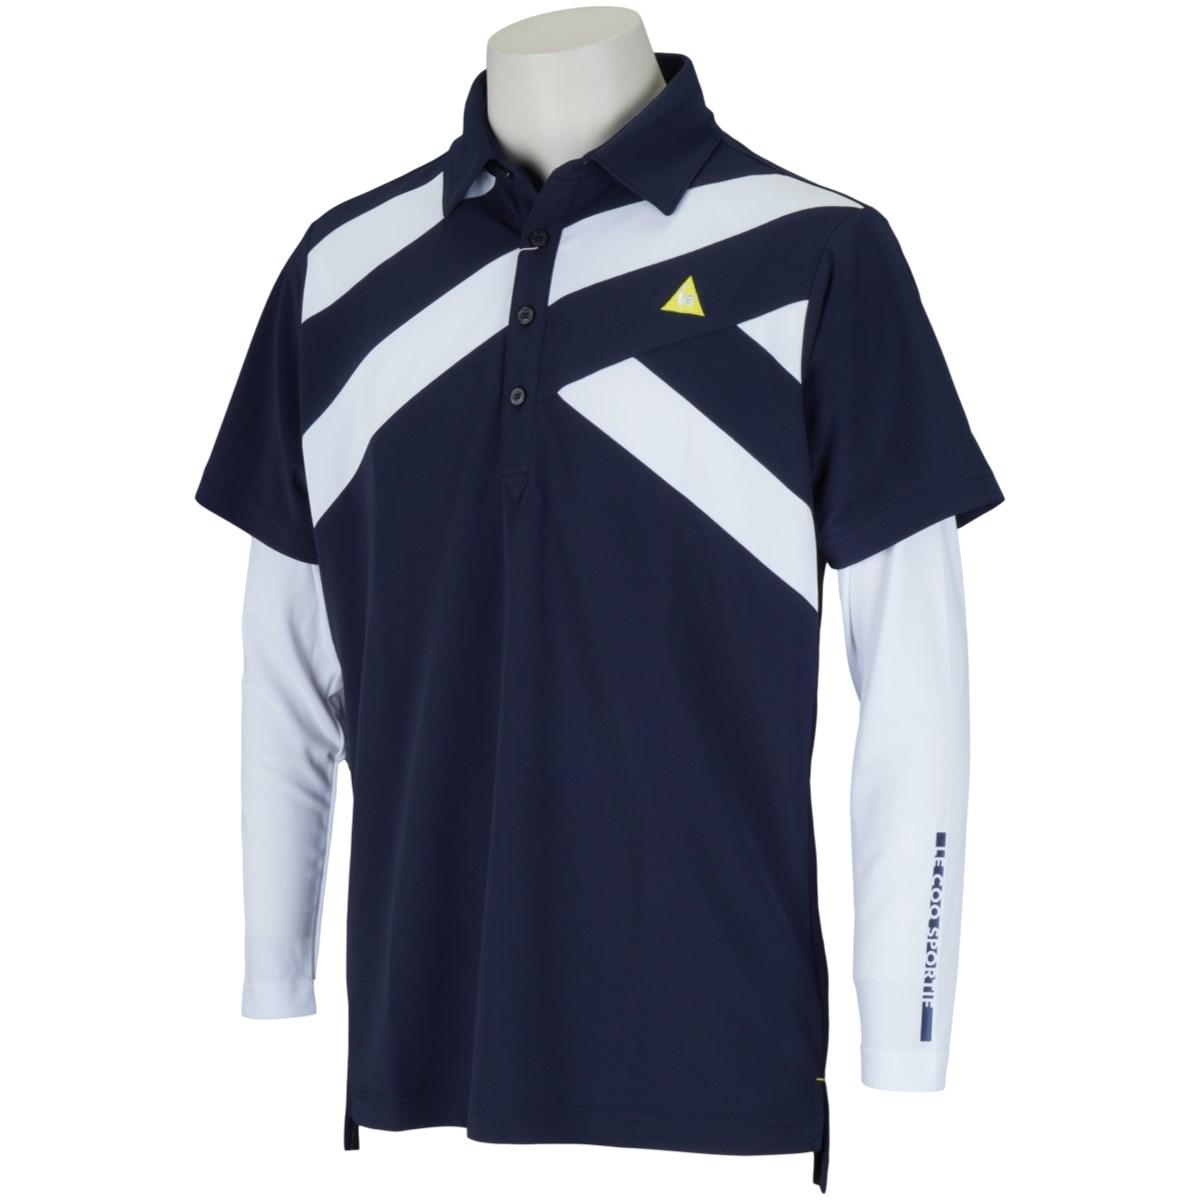 ルコックゴルフ Le coq sportif GOLF 長袖アンダーシャツ付き ストレッチ半袖ポロシャツ M ネイビー 00